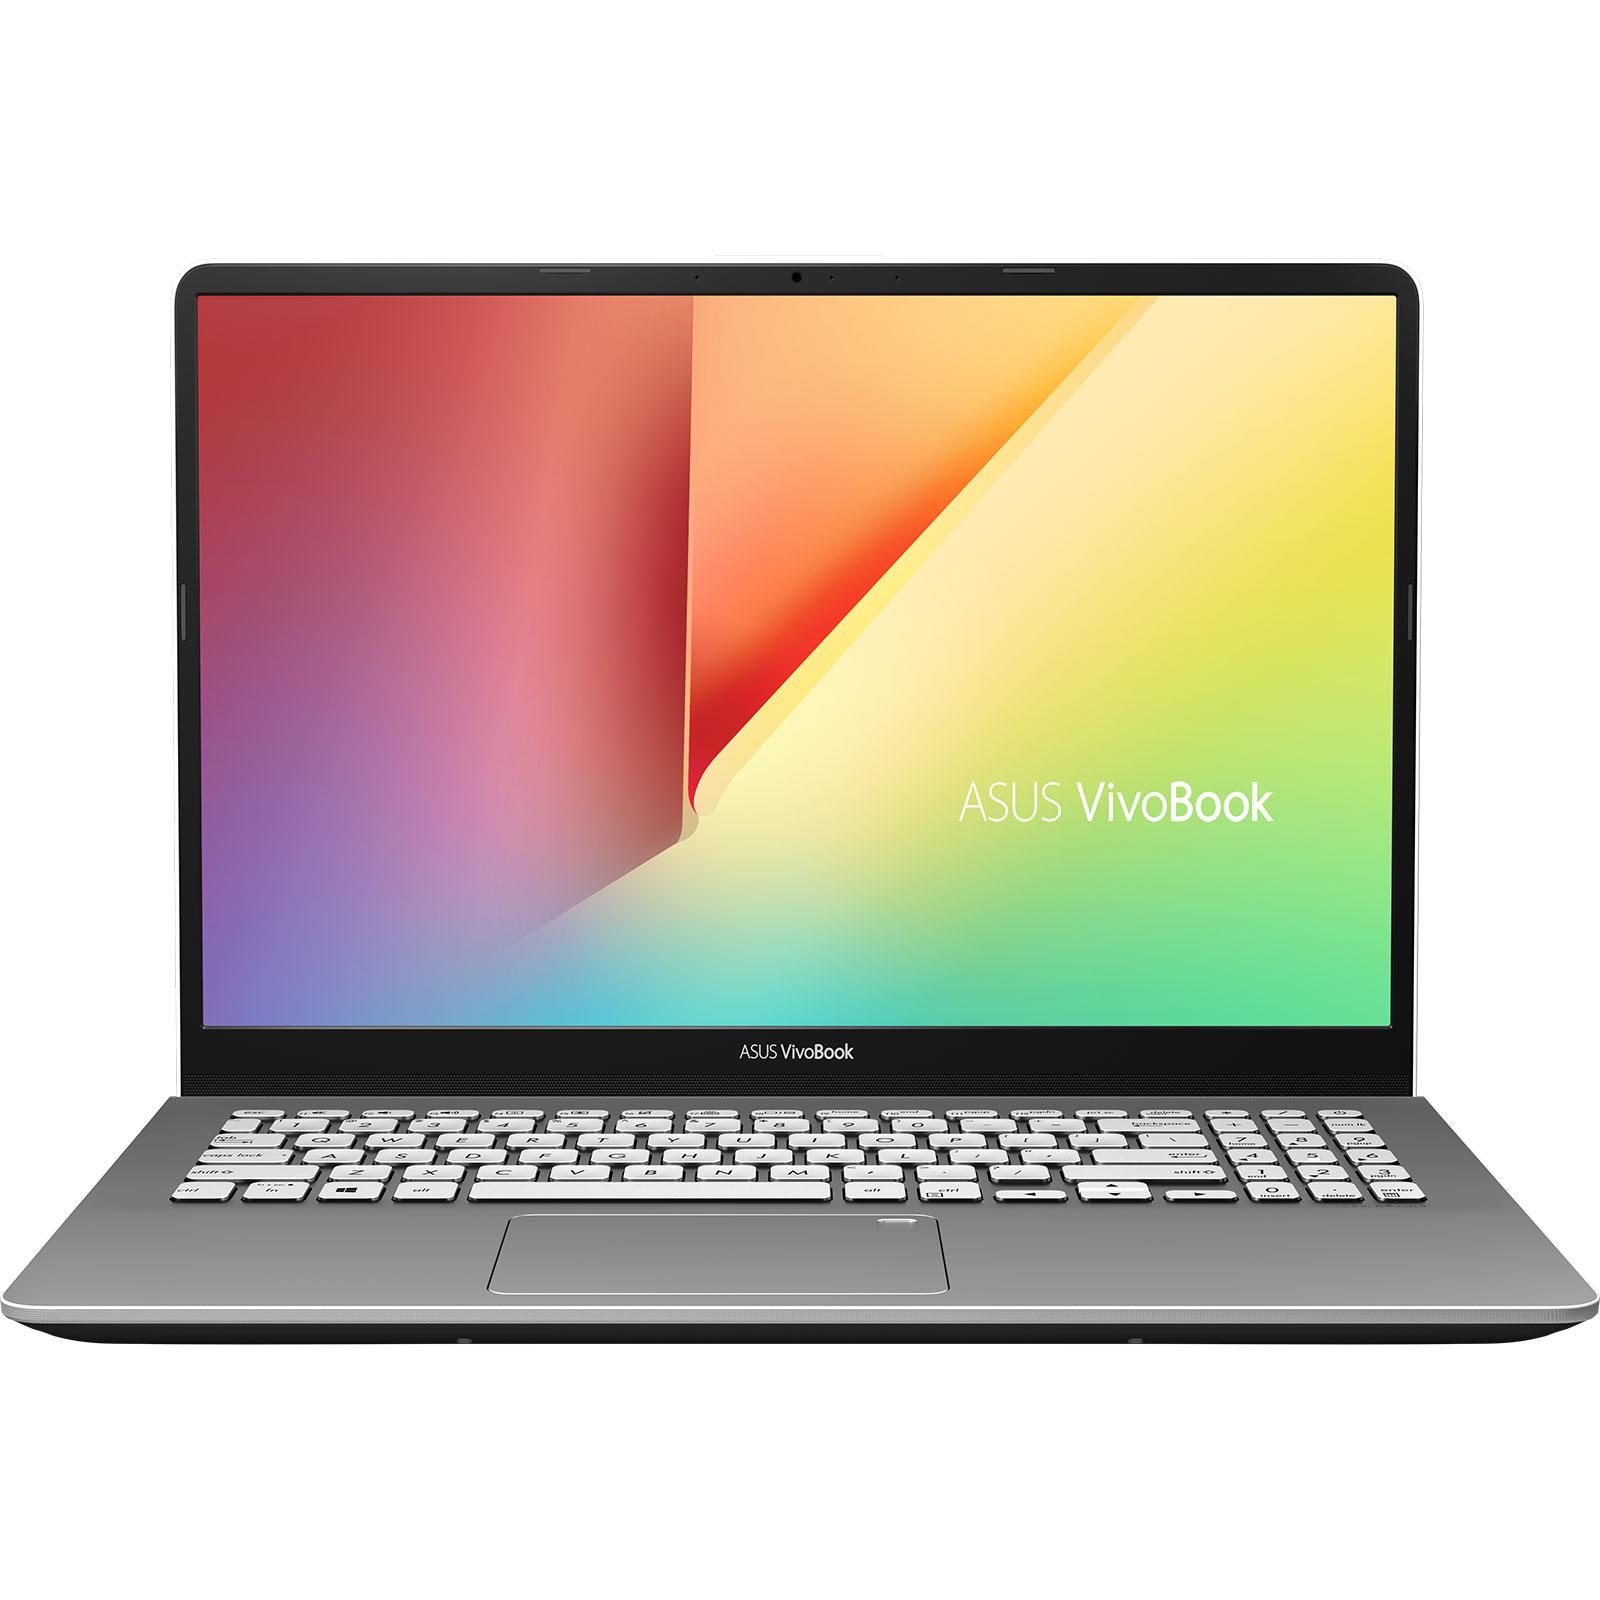 """PC portable ASUS Vivobook S15 S530UA-BQ095T Intel Core i5-8250U 8 Go SSD 256 Go + HDD 1 To 15.6"""" LED Full HD Wi-Fi AC/Bluetooth Webcam Windows 10 Famille 64 bits (garantie constructeur 2 ans)"""